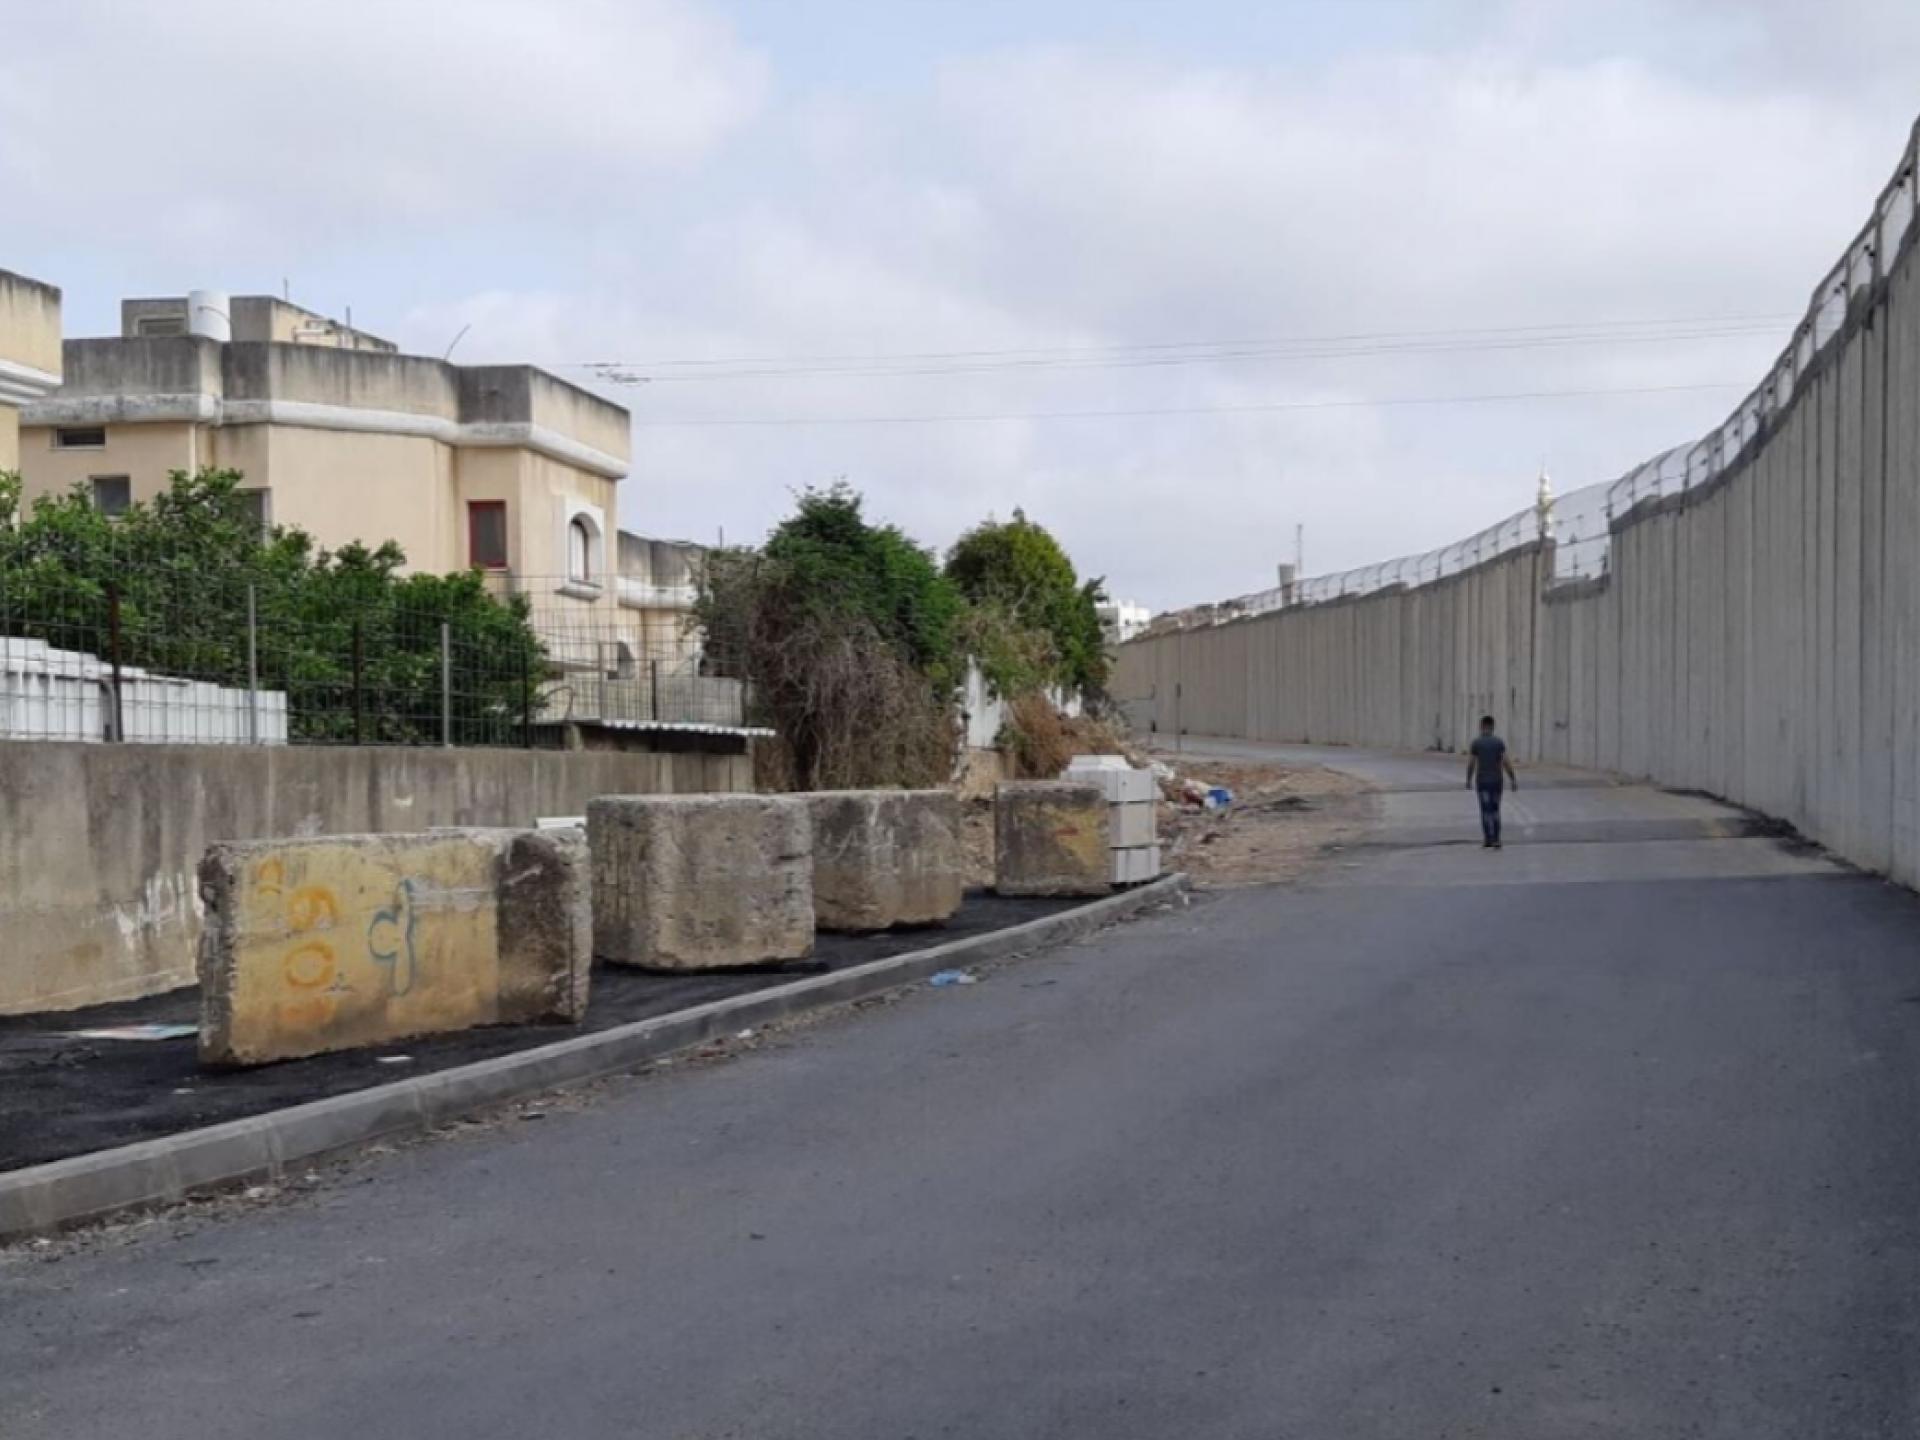 חומה, כביש, שכונת מגוריפם